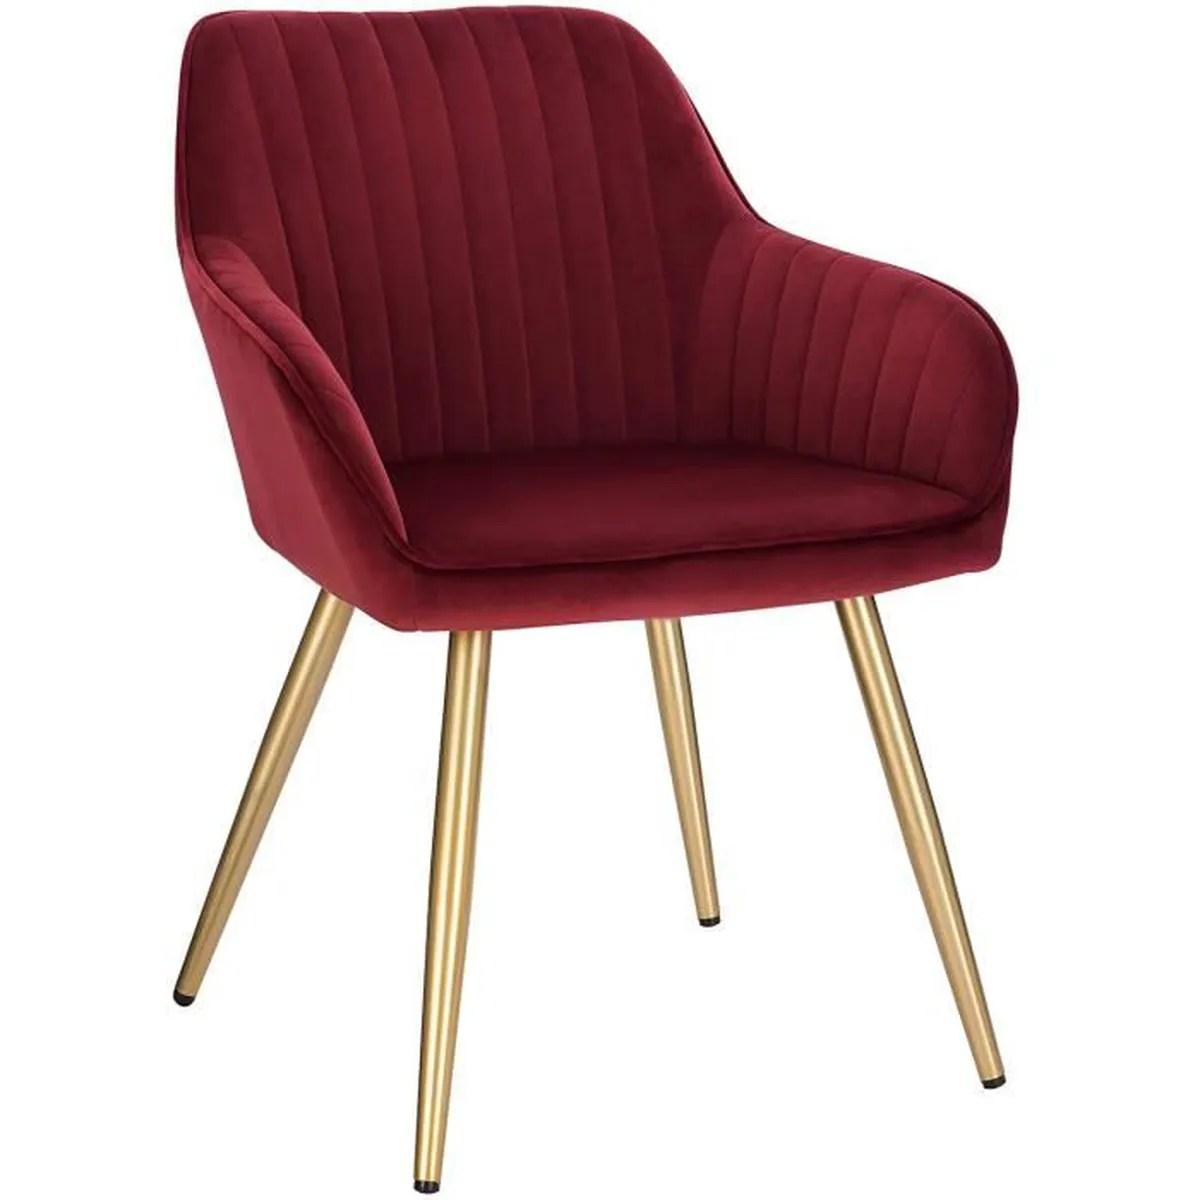 fauteuil scandinave assise en velours